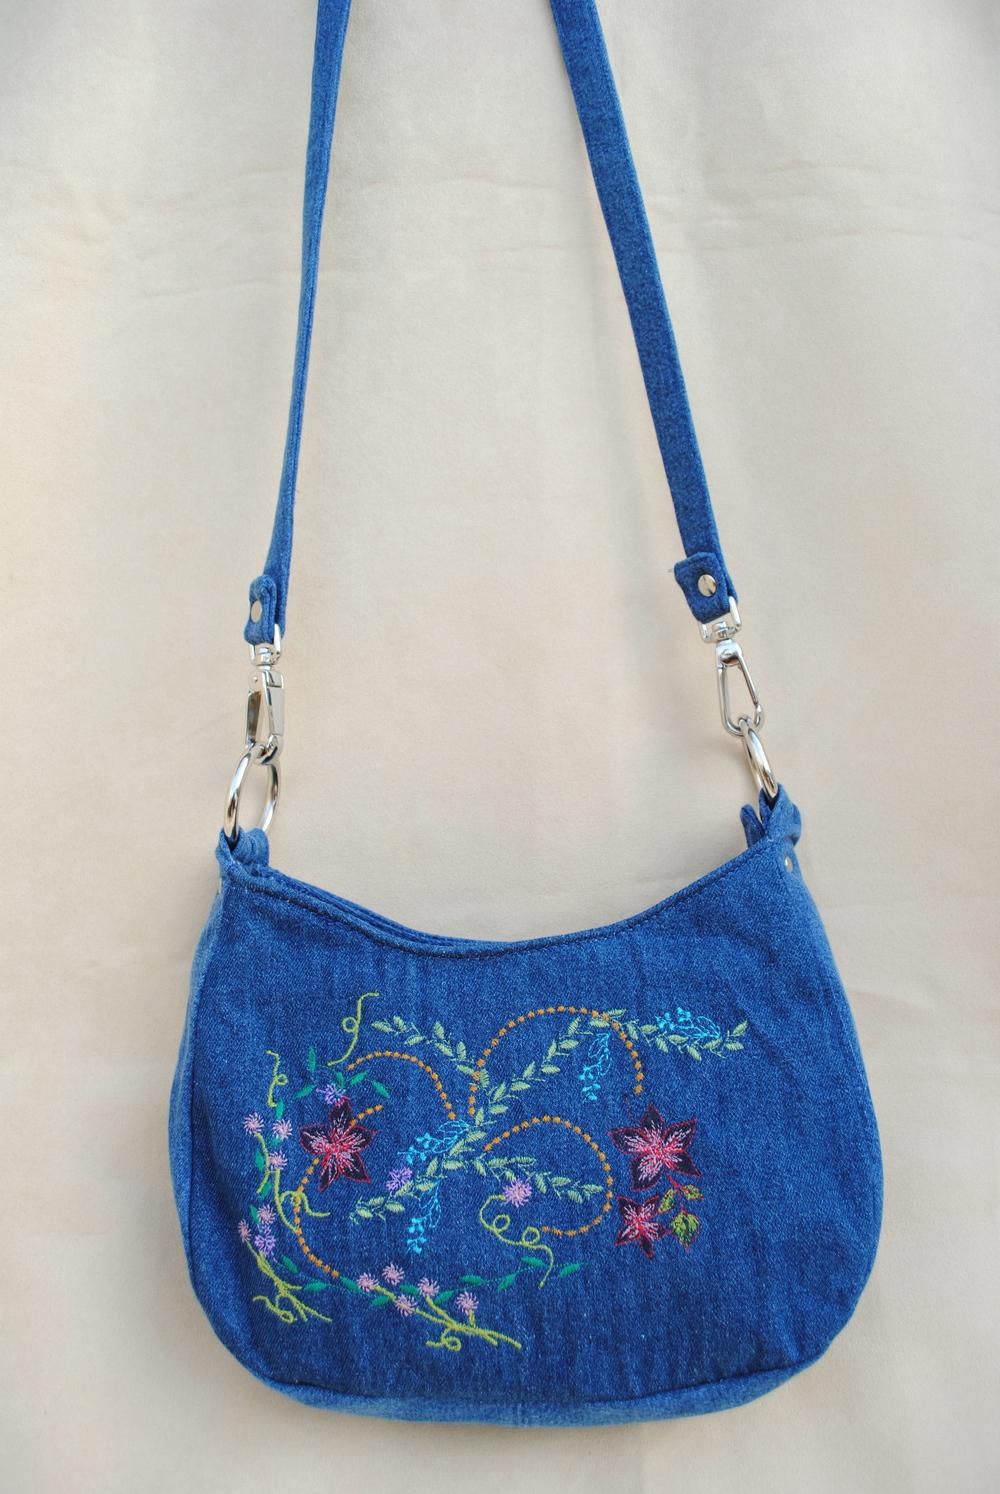 Blue Jean Garden Embroidered Purse